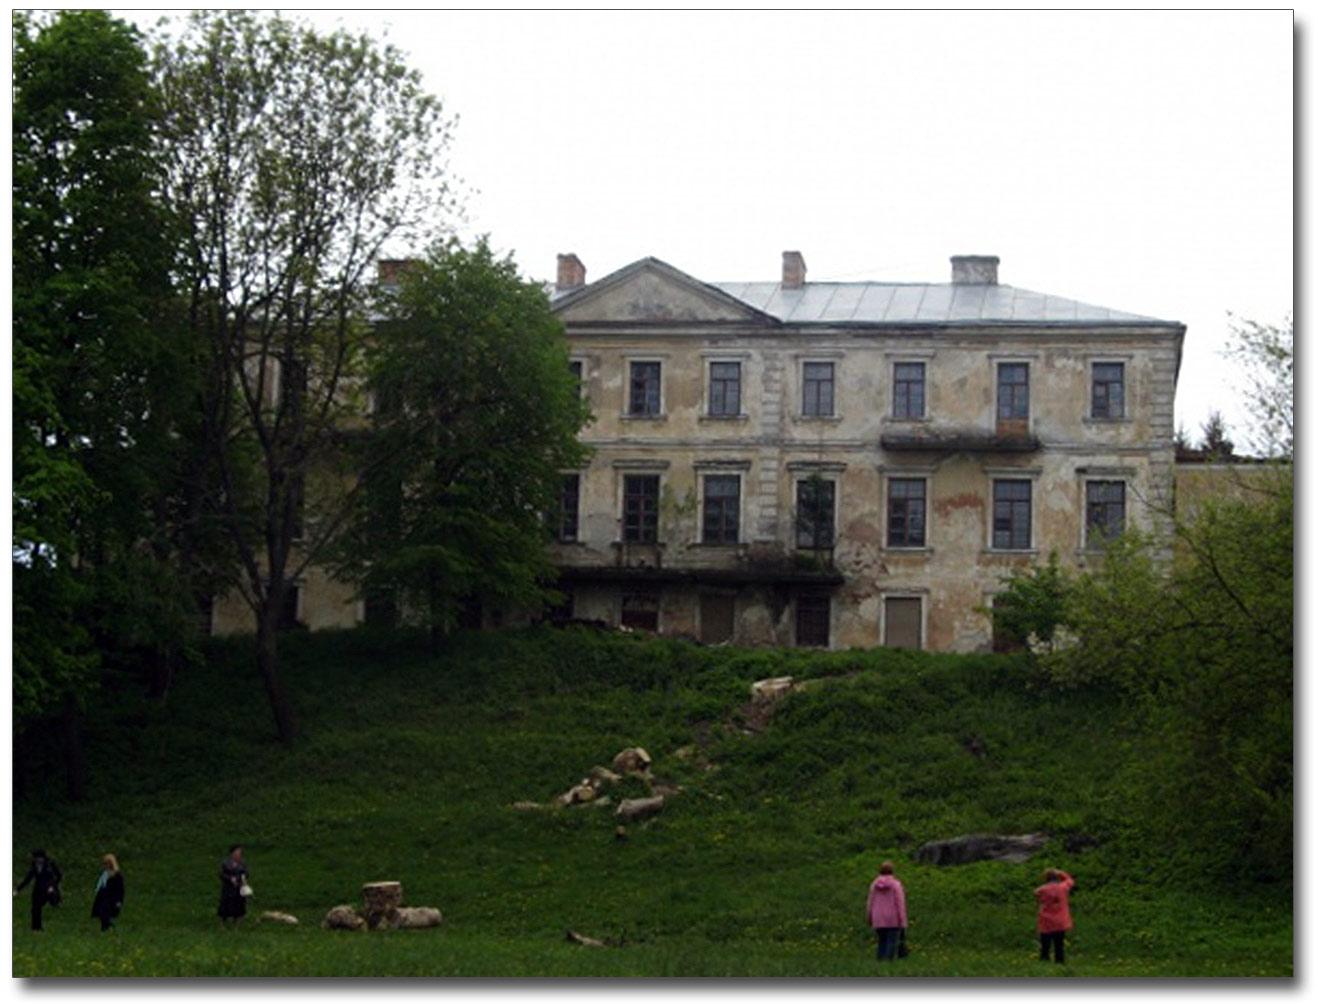 Pałac Myszki-Hołoniewskiego w Huszczyńcach. Źródło - io.ua